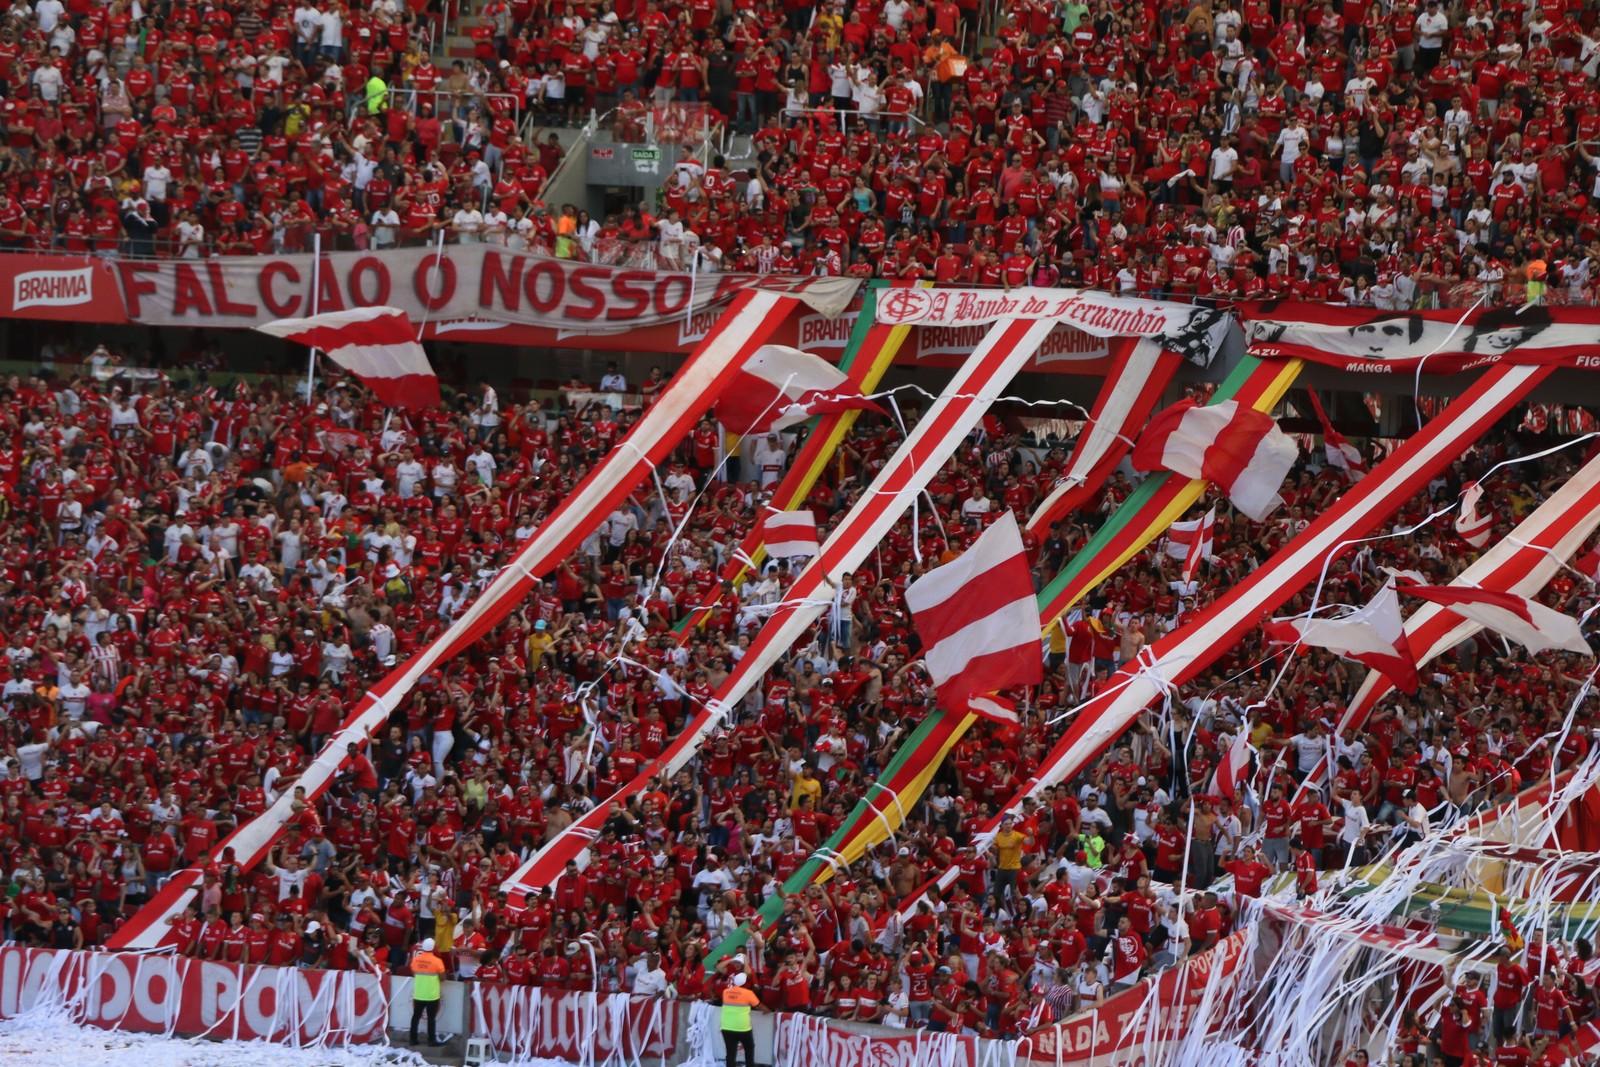 Sócios do Inter terão acesso gratuito em despedida da Série B no Beira-Rio